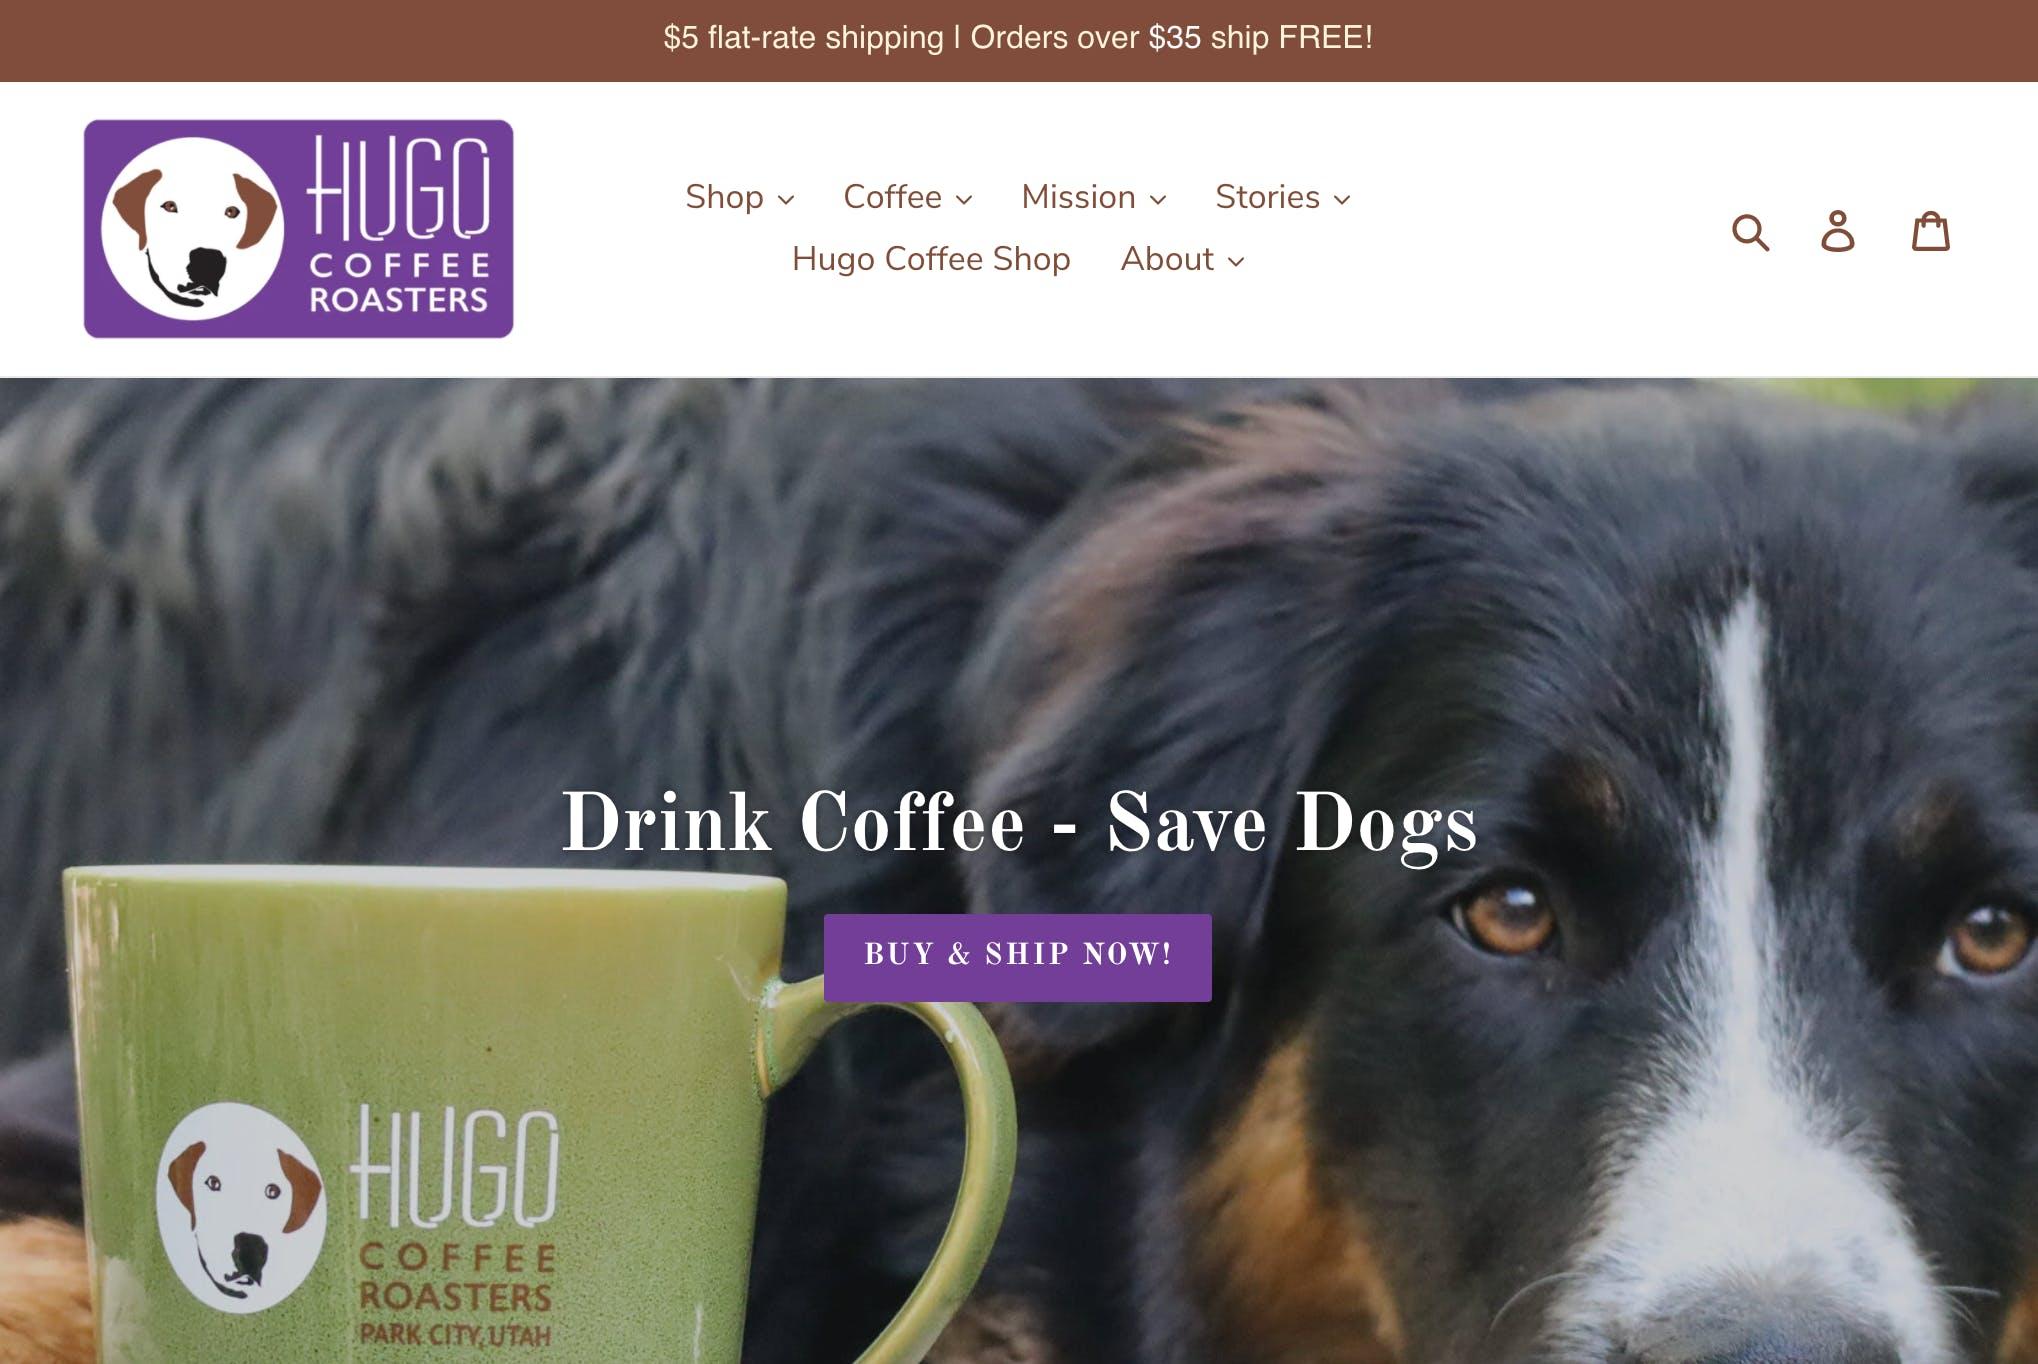 Hugo Coffee Roasters - Shop Screengrab